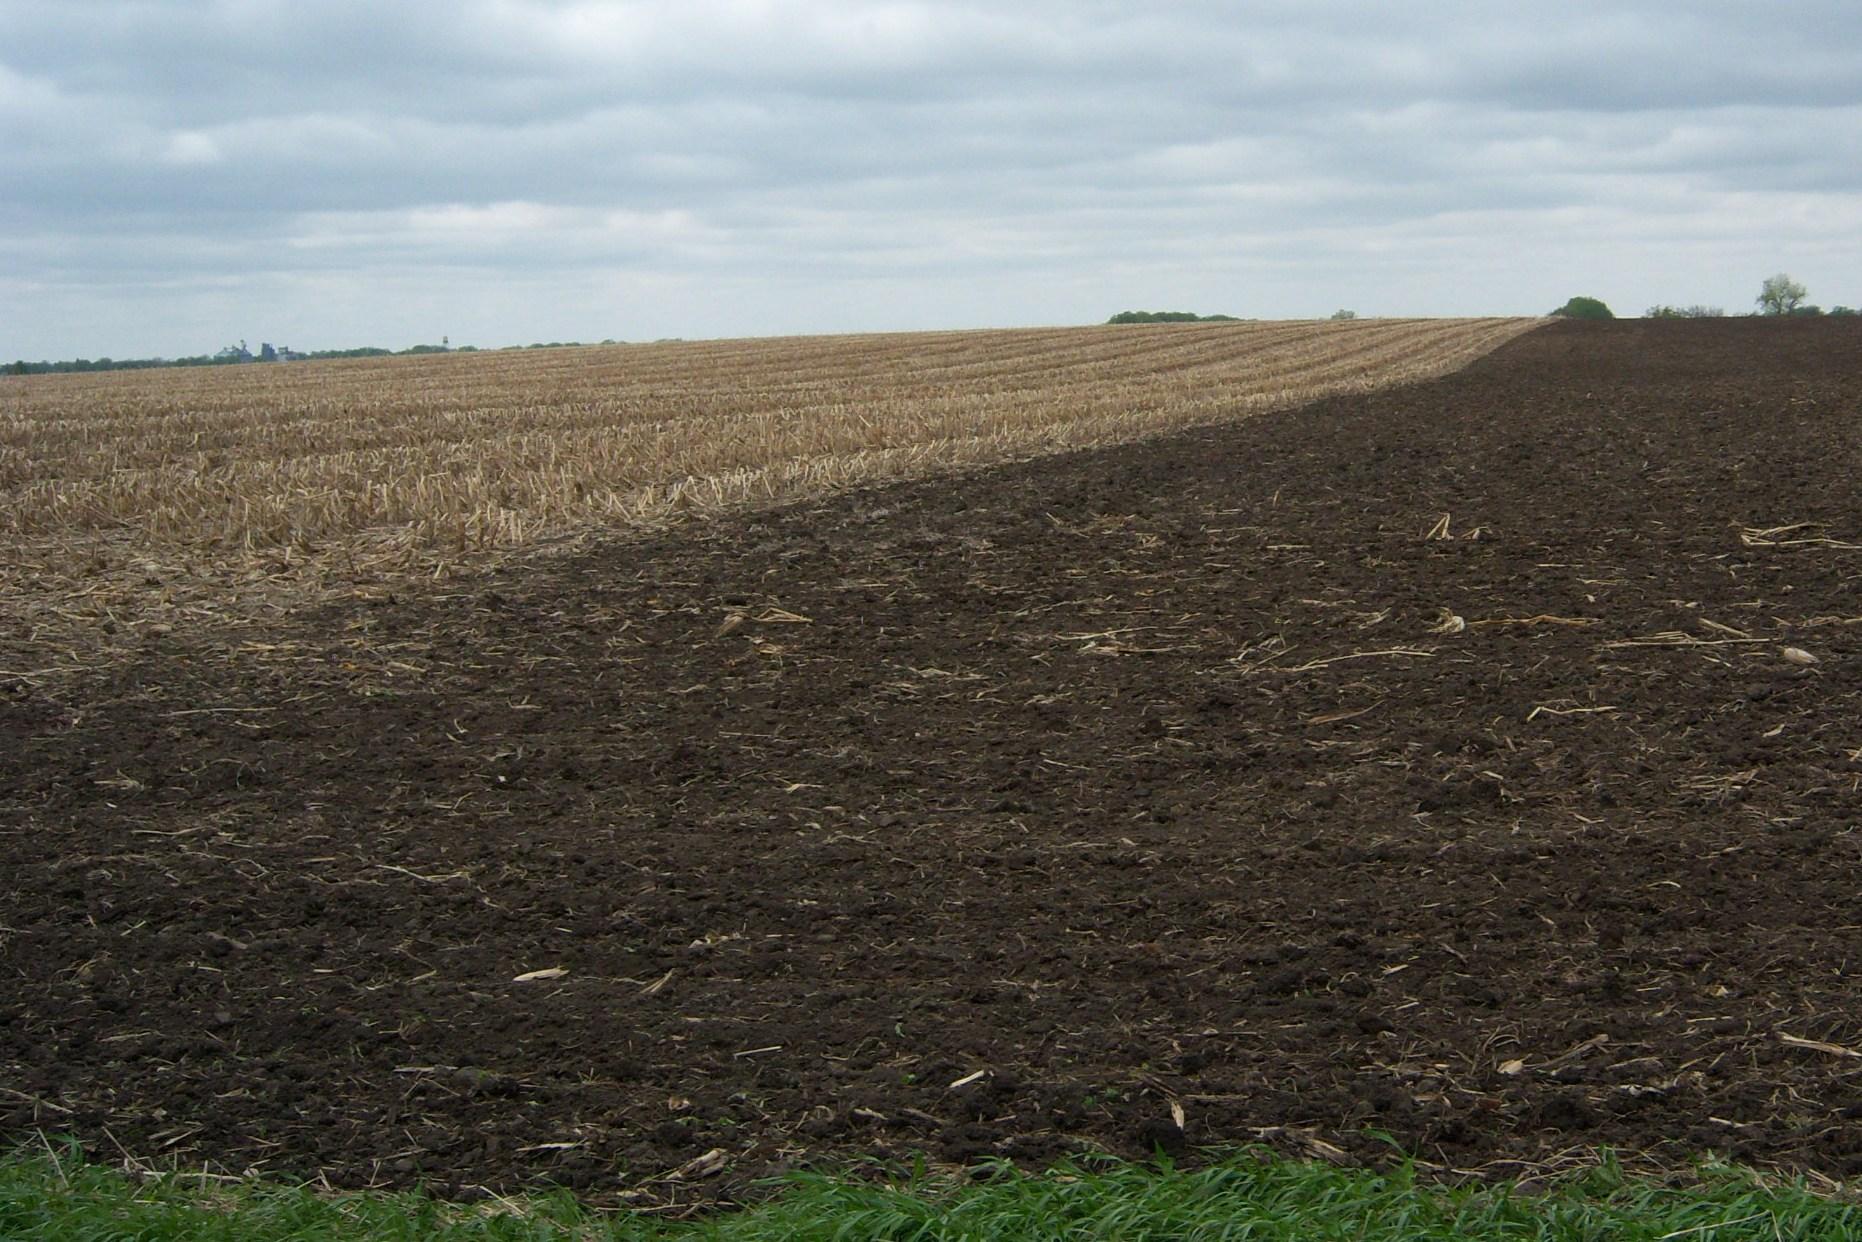 Corn field soybean field